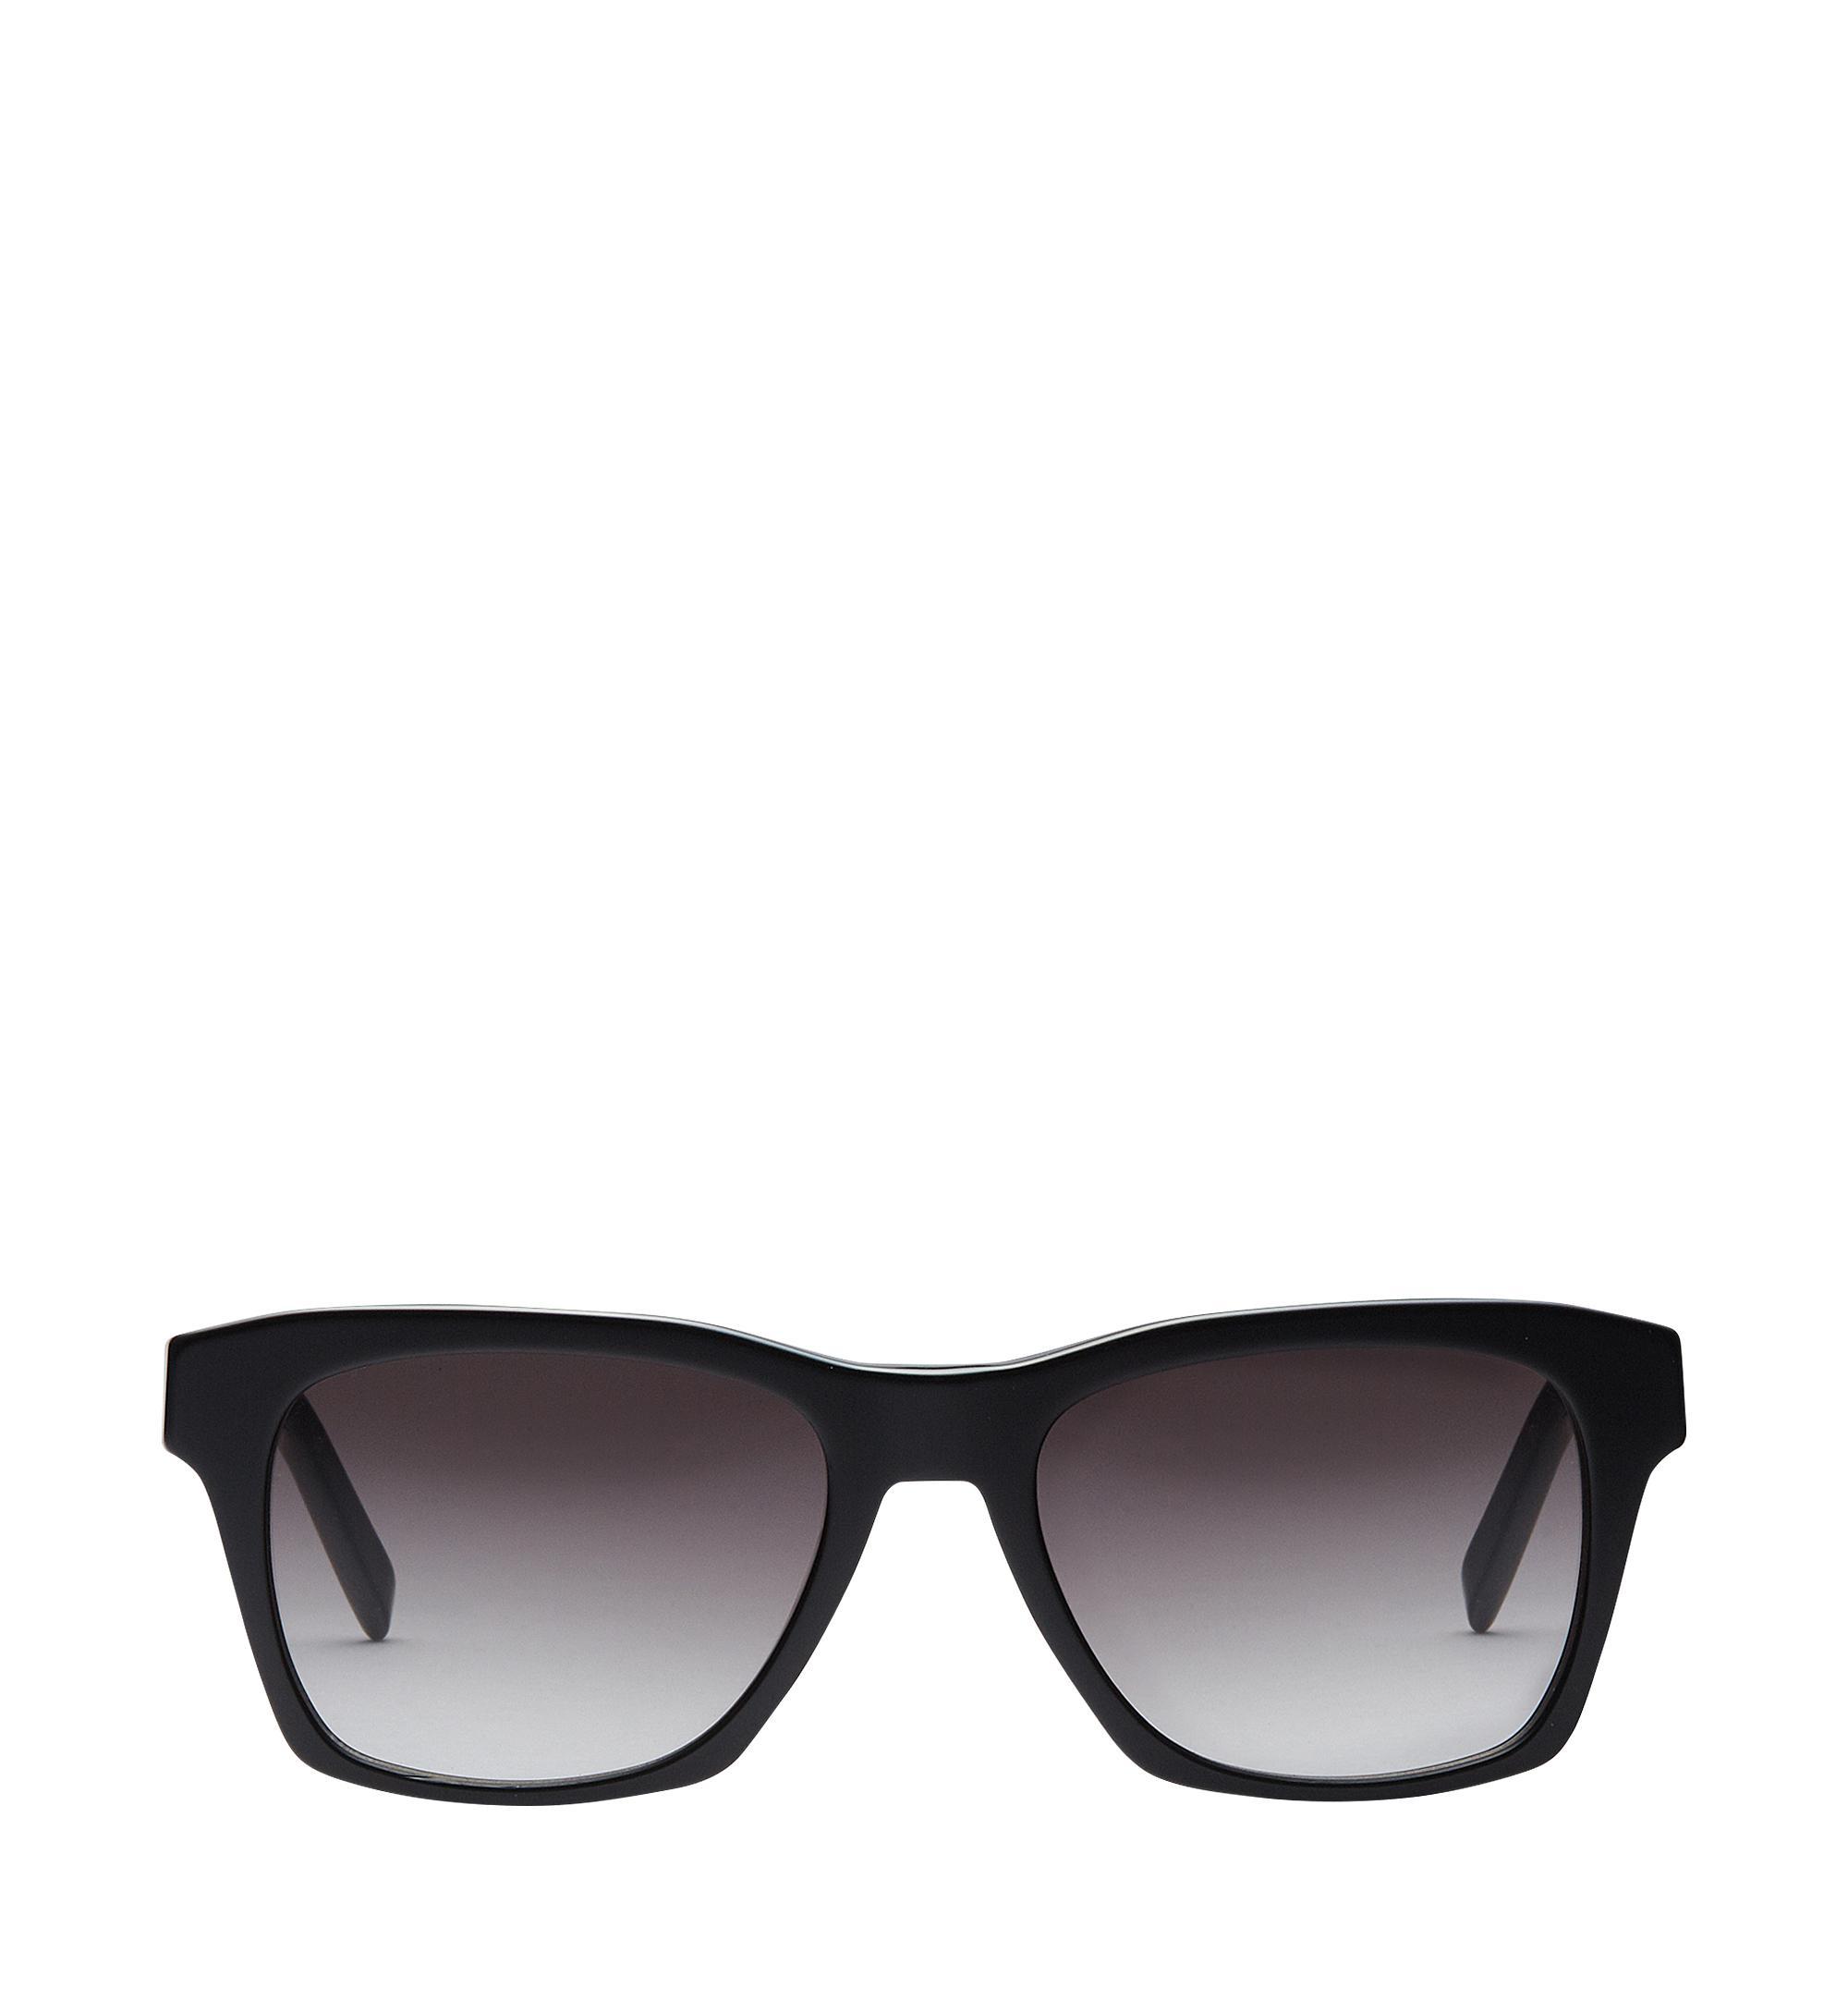 dce1556dbdf Mcm Rectangular Logo Plaque Sunglasses In Bk